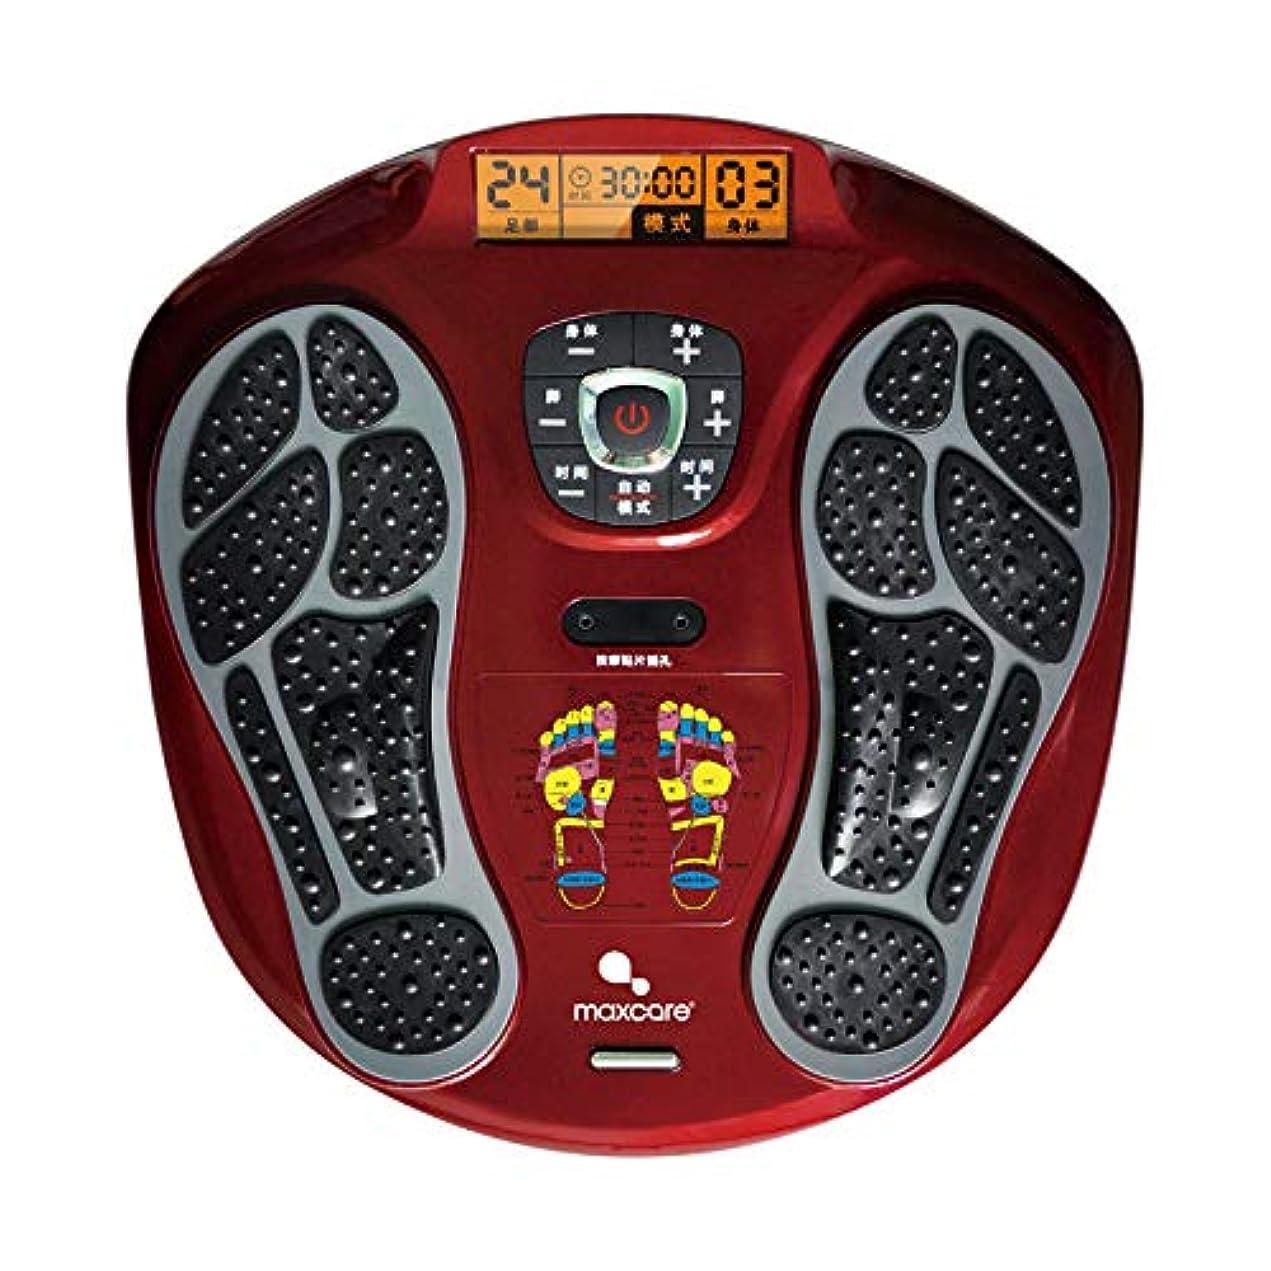 着実に固める概要フルフットマッサージ体験のための、熱付きフットマッサージャー、LEDディスプレイスクリーンリラックス疲れて痛む足